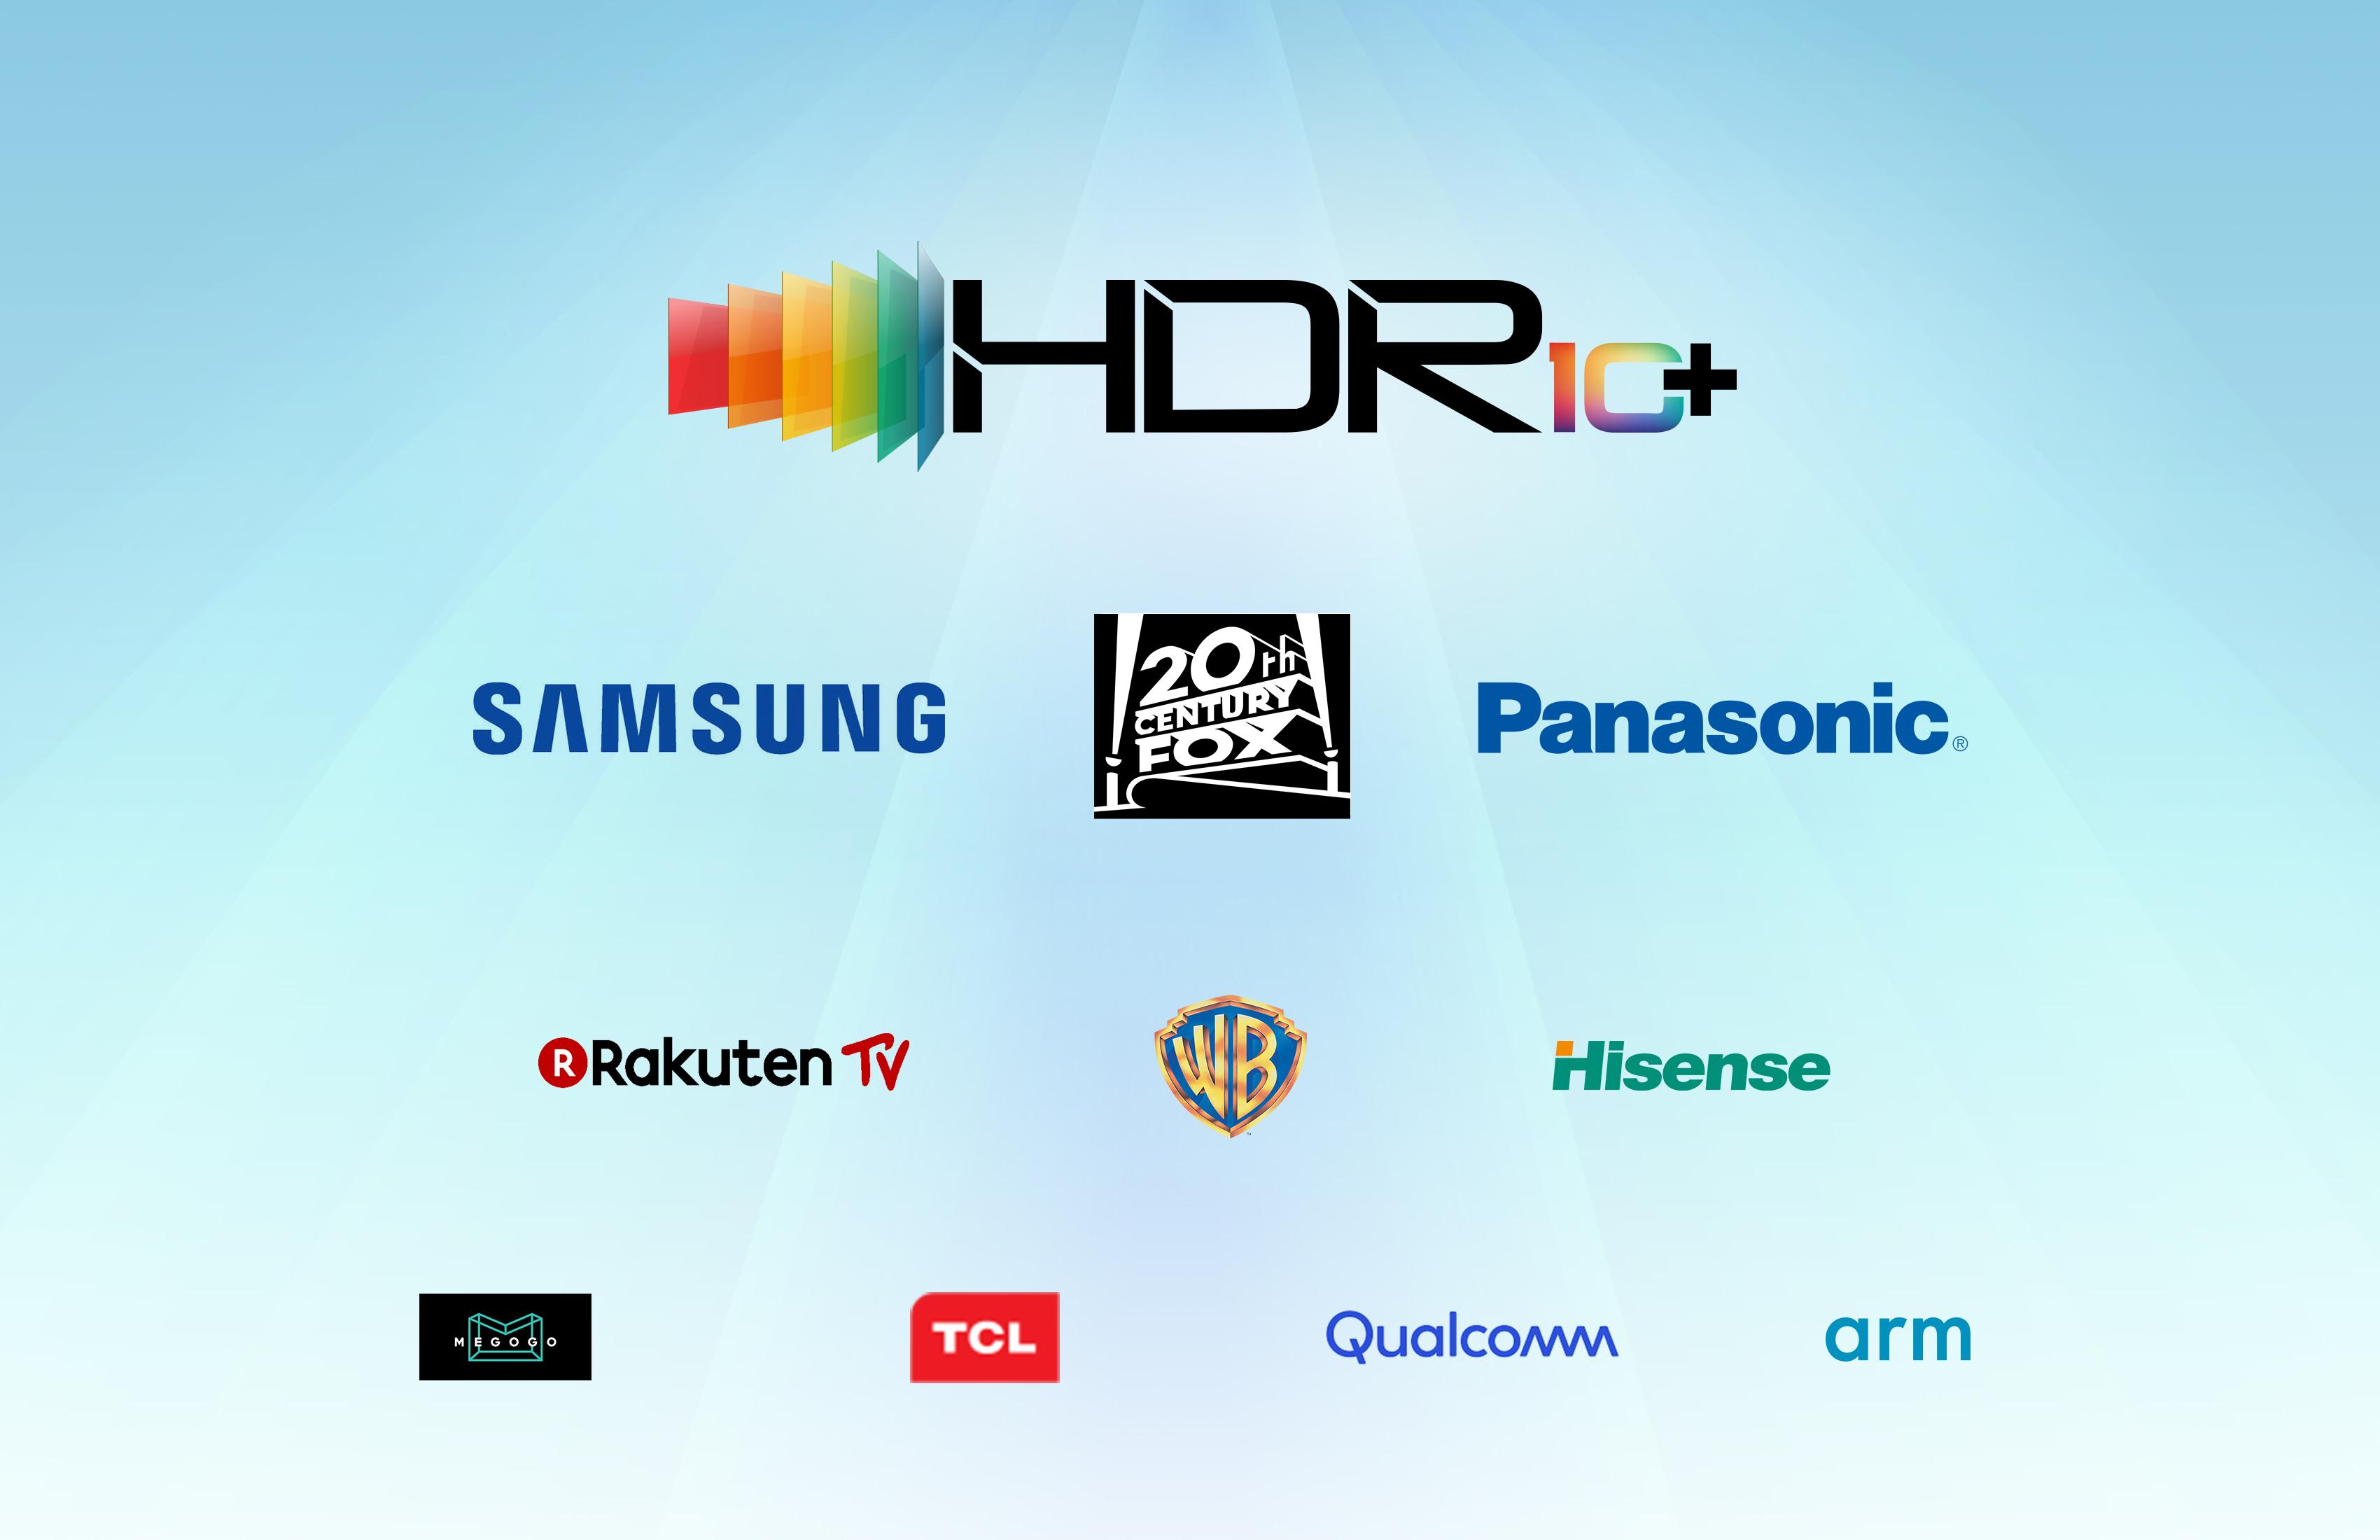 Samsung Electronics развивает экосистему HDR10+ с помощью привлечения новых партнеров и открытия сертификационных центров